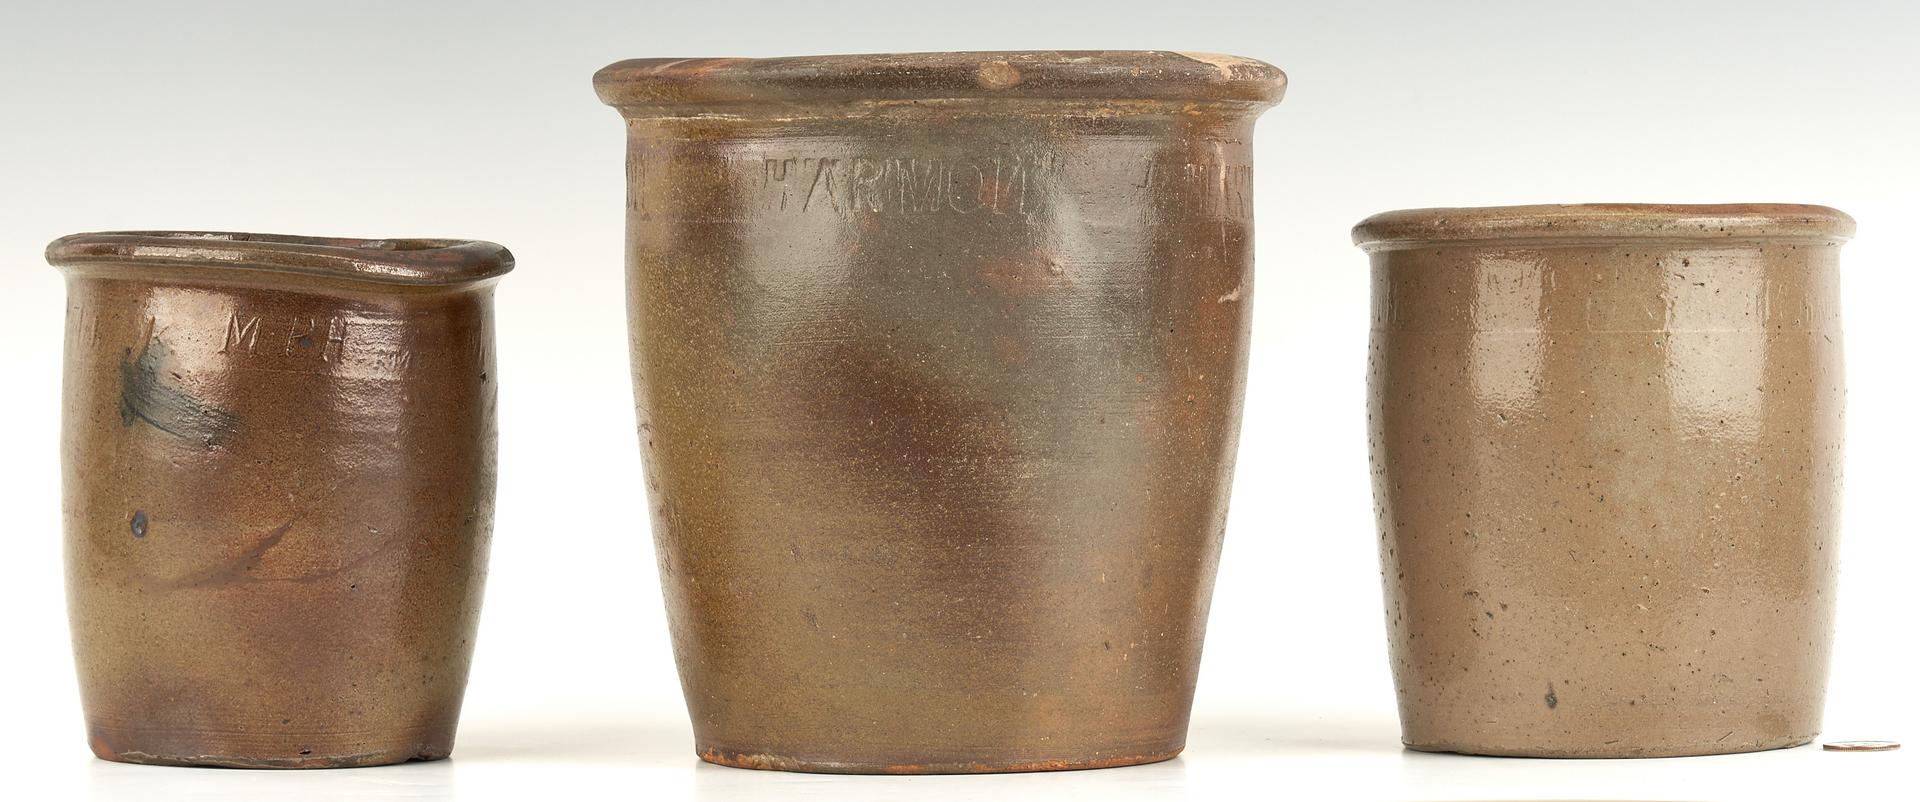 Lot 212: 3 Greene County, TN Pottery Jars by Harmon